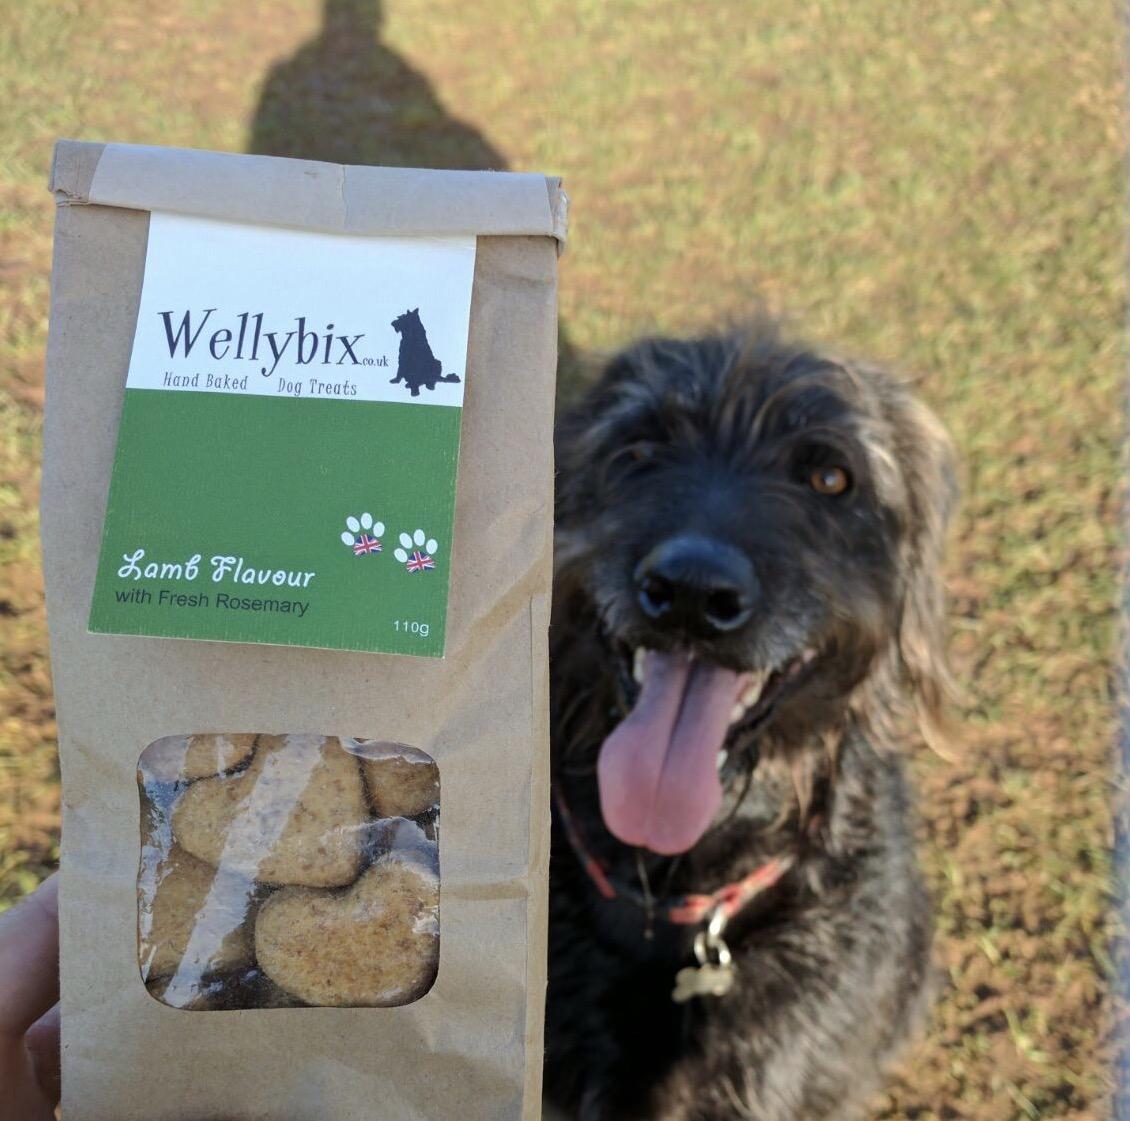 Wellybix, dog treats, Otis Grumbles, Dog Blog